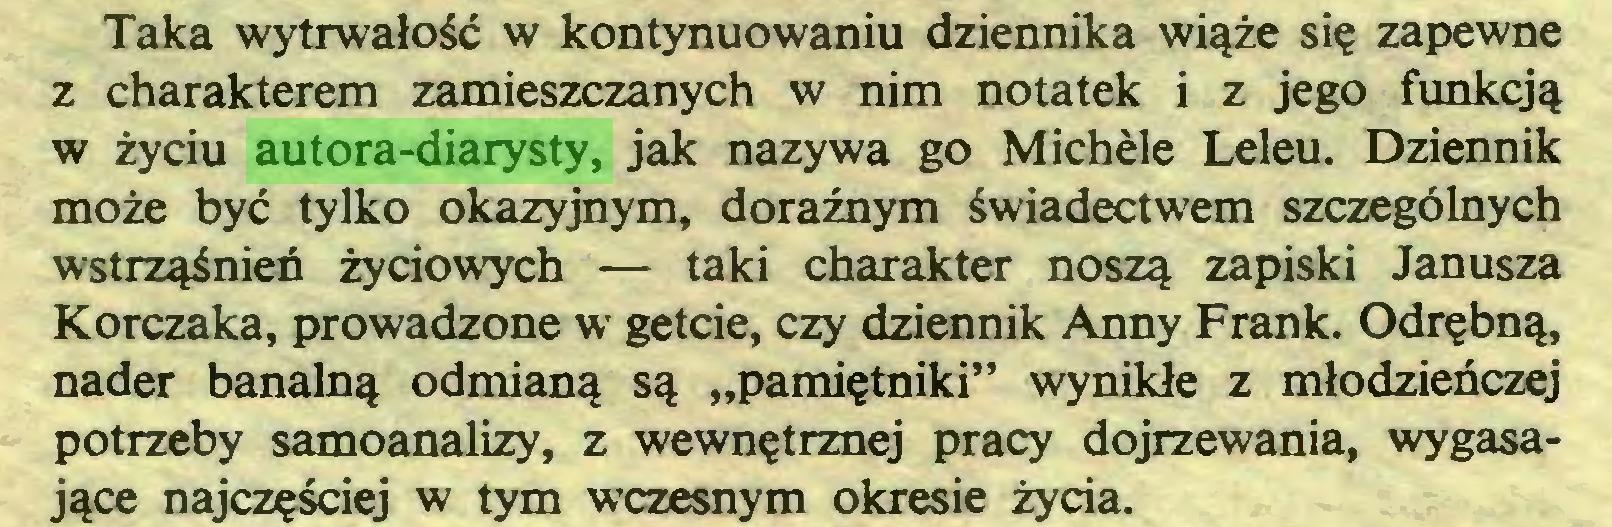 """(...) Taka wytrwałość w kontynuowaniu dziennika wiąże się zapewne z charakterem zamieszczanych w nim notatek i z jego funkcją w życiu autora-diarysty, jak nazywa go Michèle Leleu. Dziennik może być tylko okazyjnym, doraźnym świadectwem szczególnych wstrząśnieó życiowych — taki charakter noszą zapiski Janusza Korczaka, prowadzone w getcie, czy dziennik Anny Frank. Odrębną, nader banalną odmianą są """"pamiętniki"""" wynikłe z młodzieńczej potrzeby samoanalizy, z wewnętrznej pracy dojrzewania, wygasające najczęściej w tym wczesnym okresie życia..."""